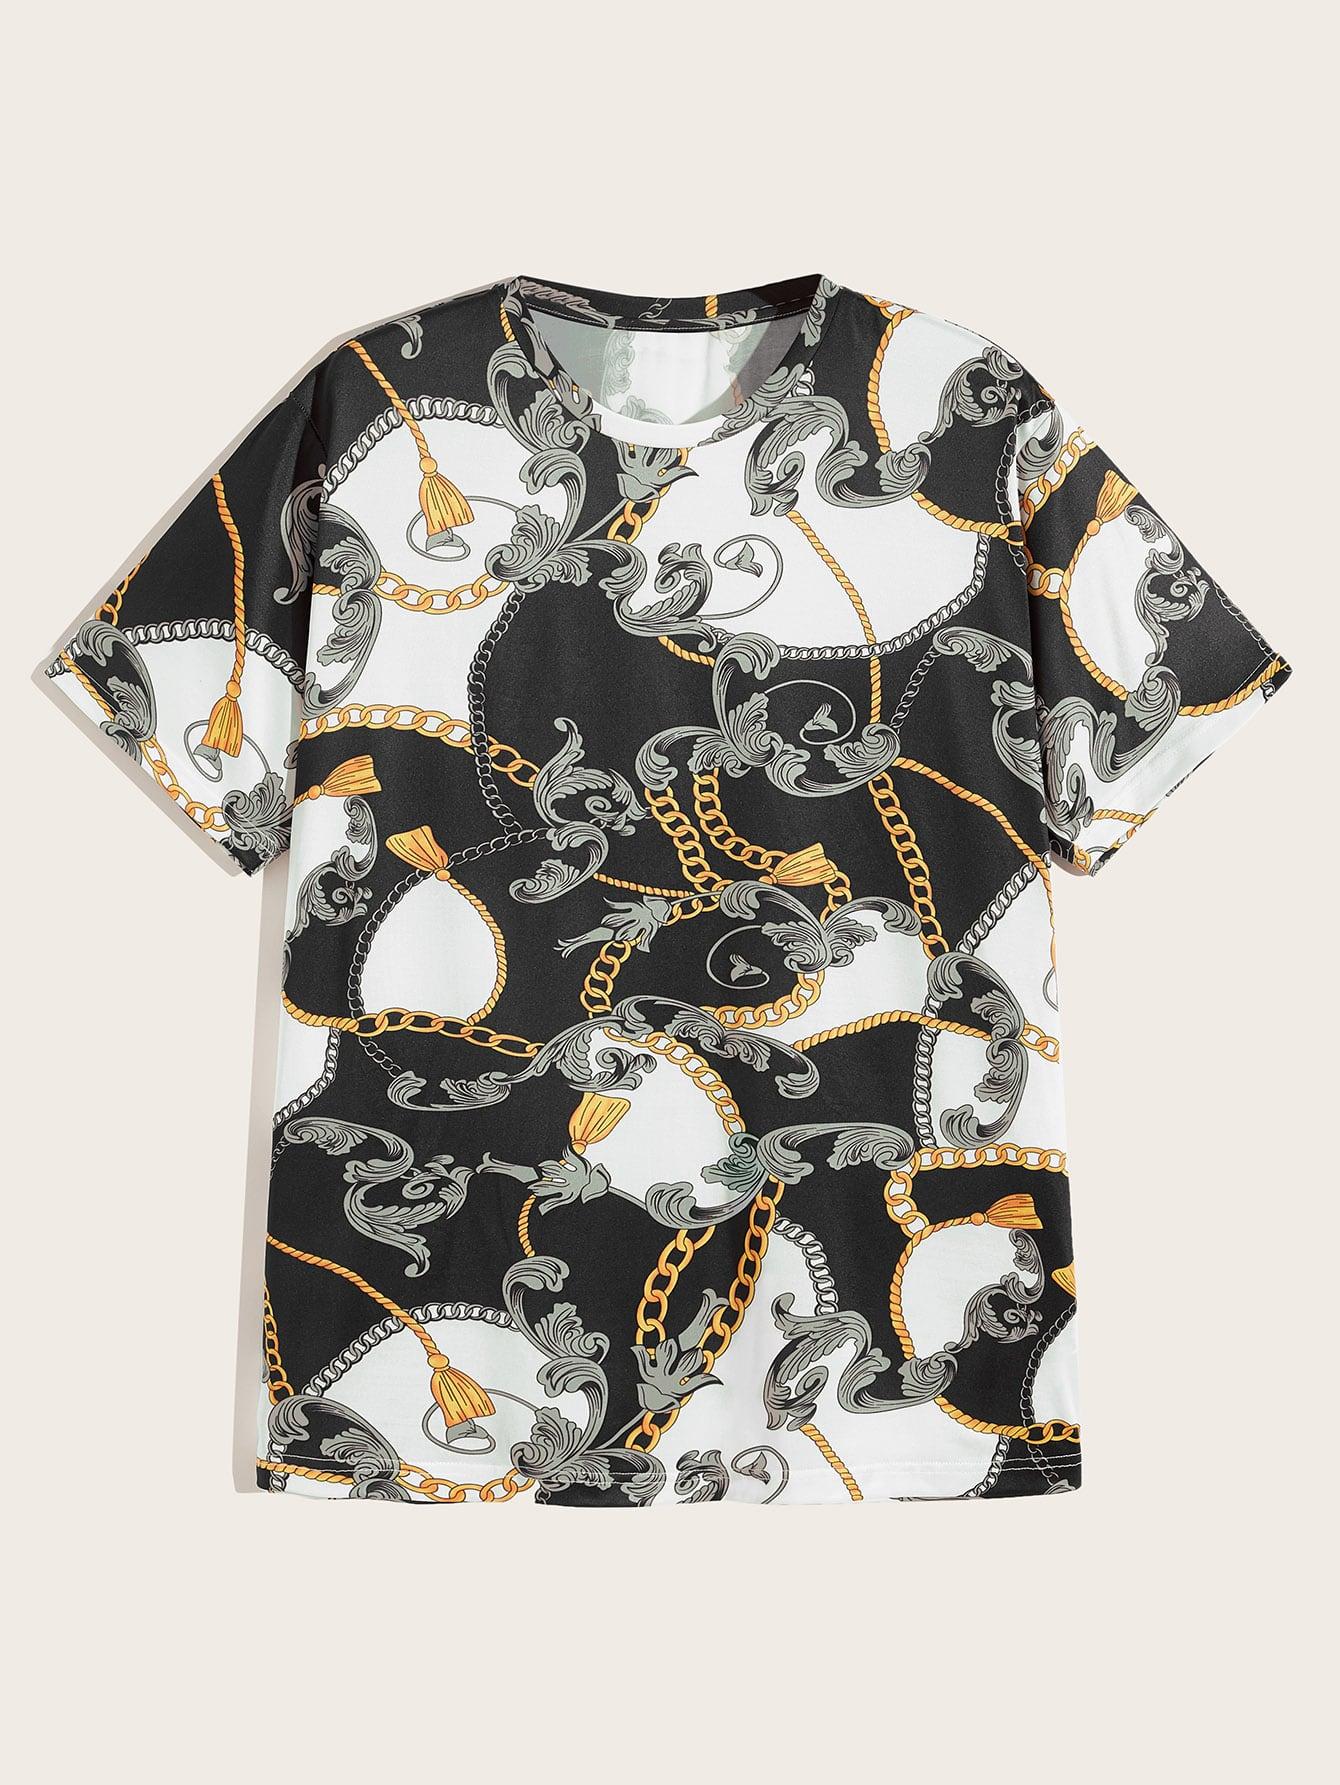 Фото - Мужская футболка с круглым воротником и цепным принтом от SheIn цвет многихцветный